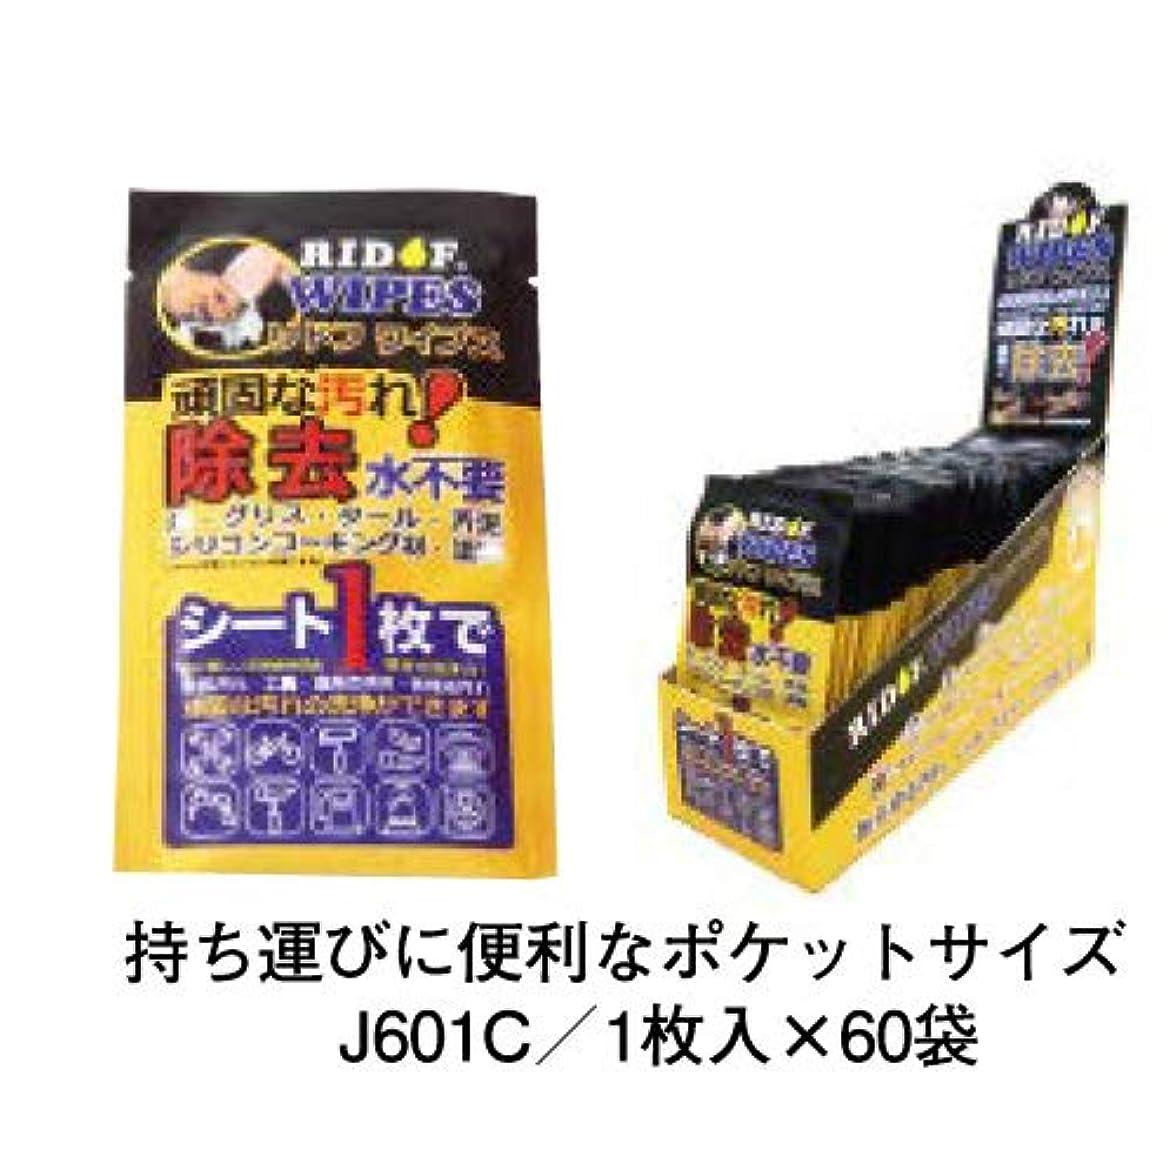 あいさつ公平文献リドフワイプス ポケットタイプ/1枚入×60袋 J601C